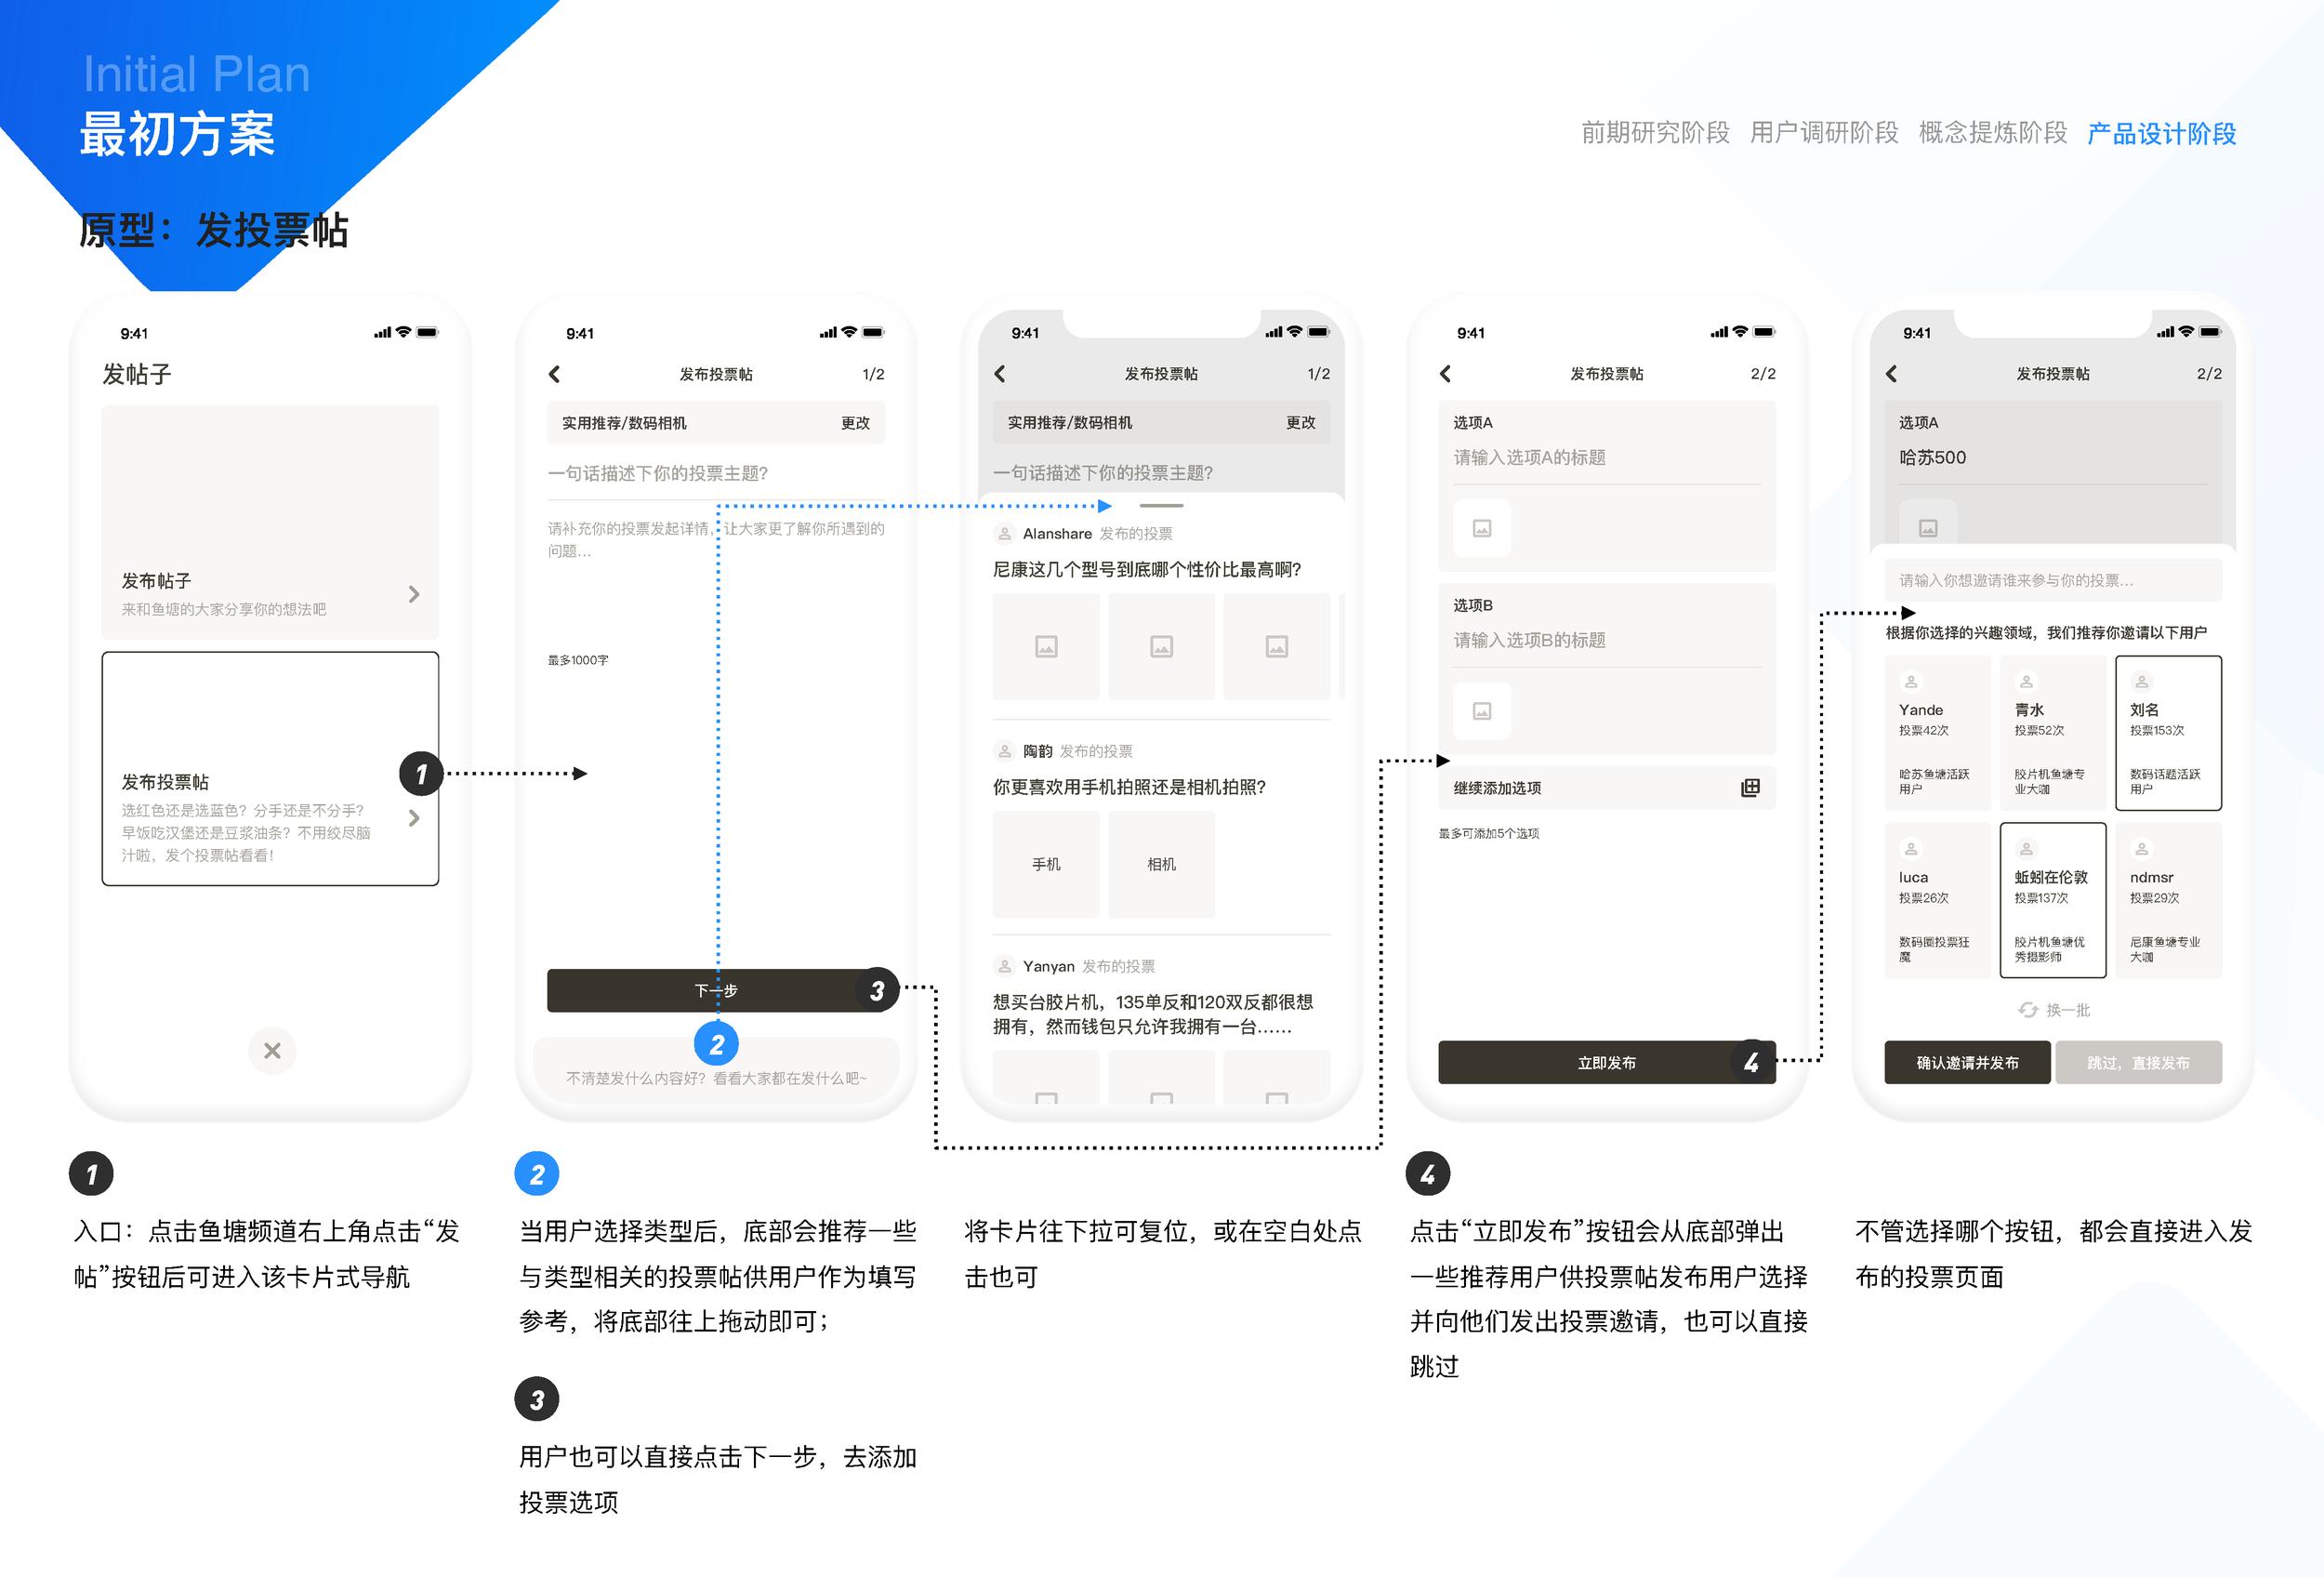 闲鱼社区互动设计(17小组油猫饼)_页面_24.png